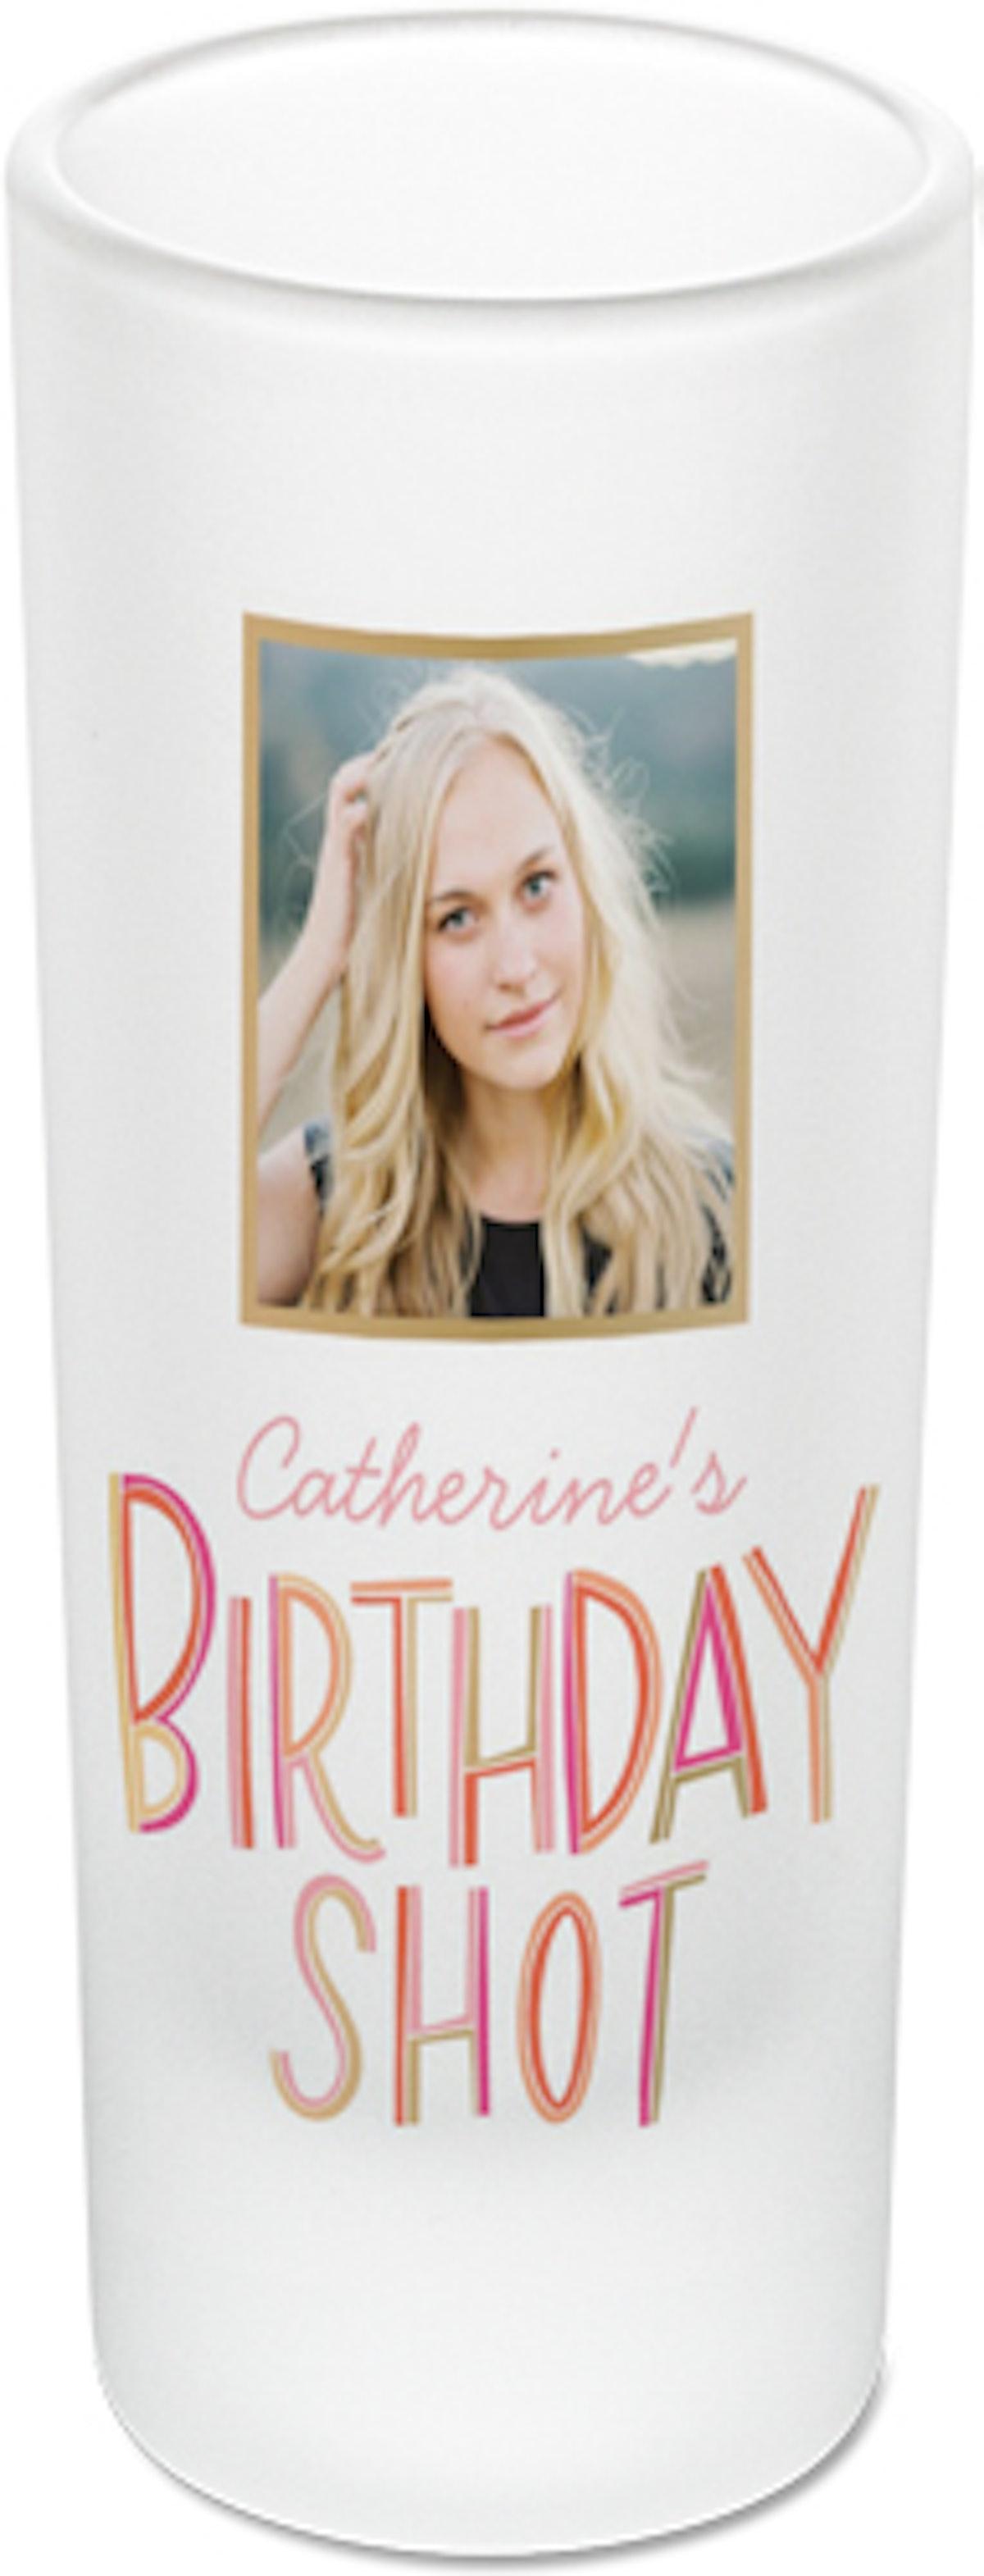 Shutterfly Birthday Celebration Shot Glass